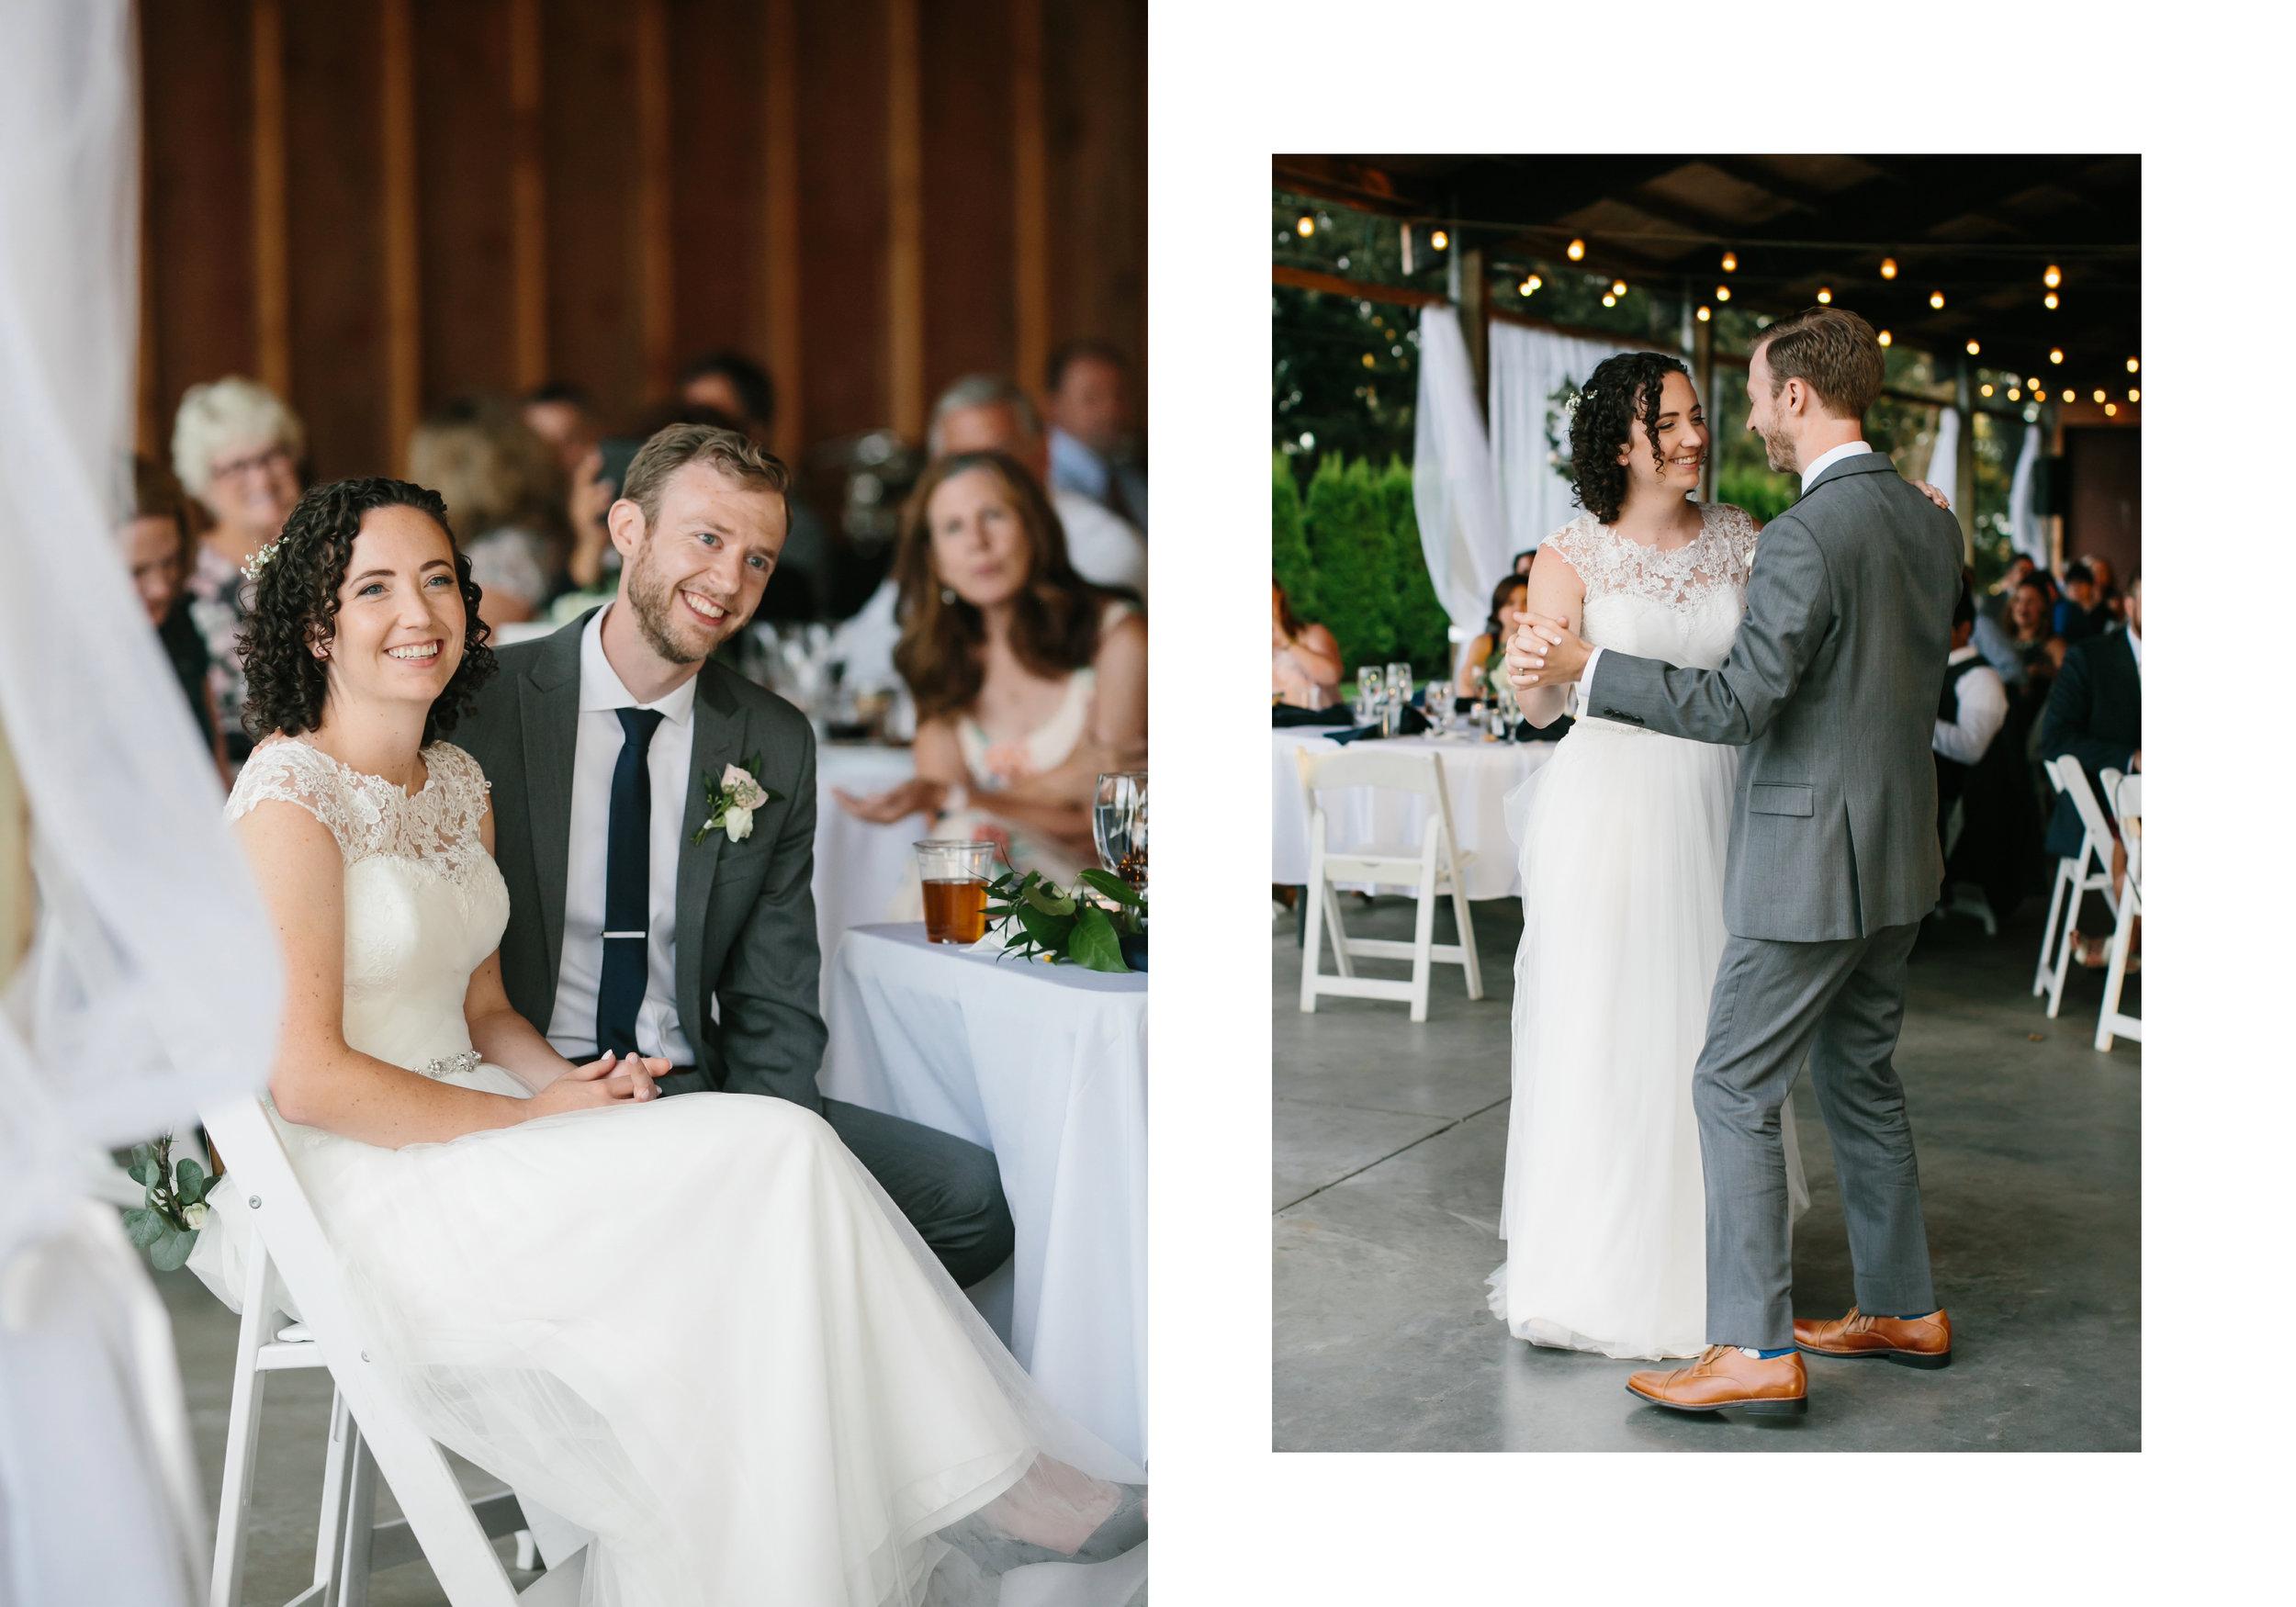 scholls-valley-lodge-wedding-photographer-ashley-courter0022.JPG